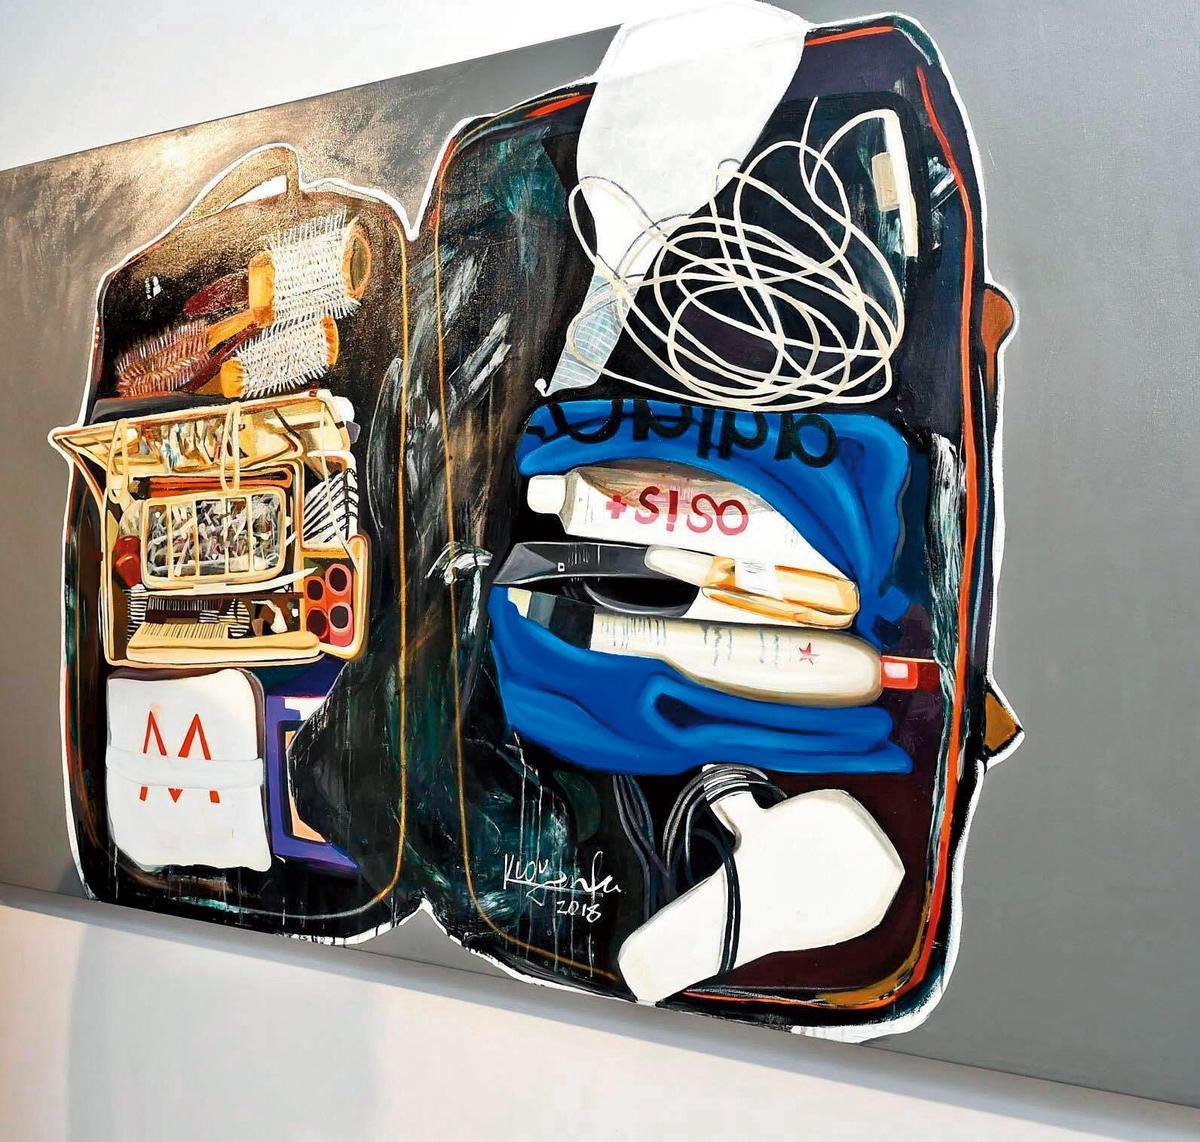 郭彥甫這幅以「行李箱」為題材的畫作被策展人選中在羅浮宮的卡爾賽廳展出,不過卻遭酸「付錢就能辦展」。(翻攝自郭彥甫臉書)